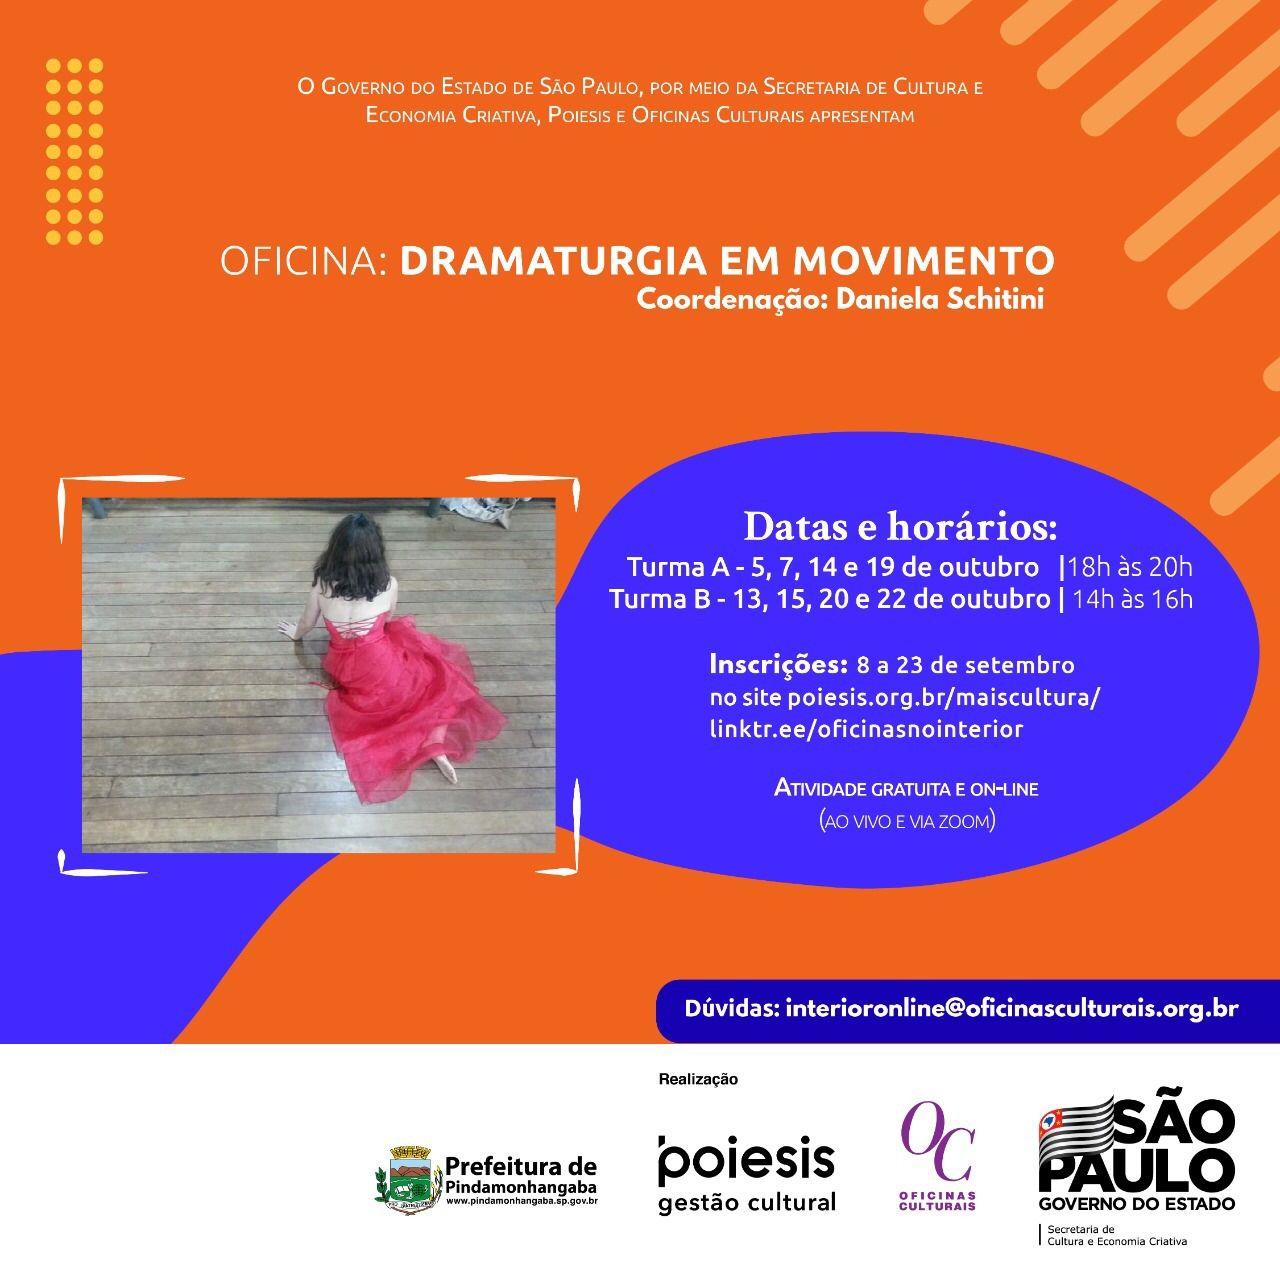 Oficina: Dramaturgia em movimento